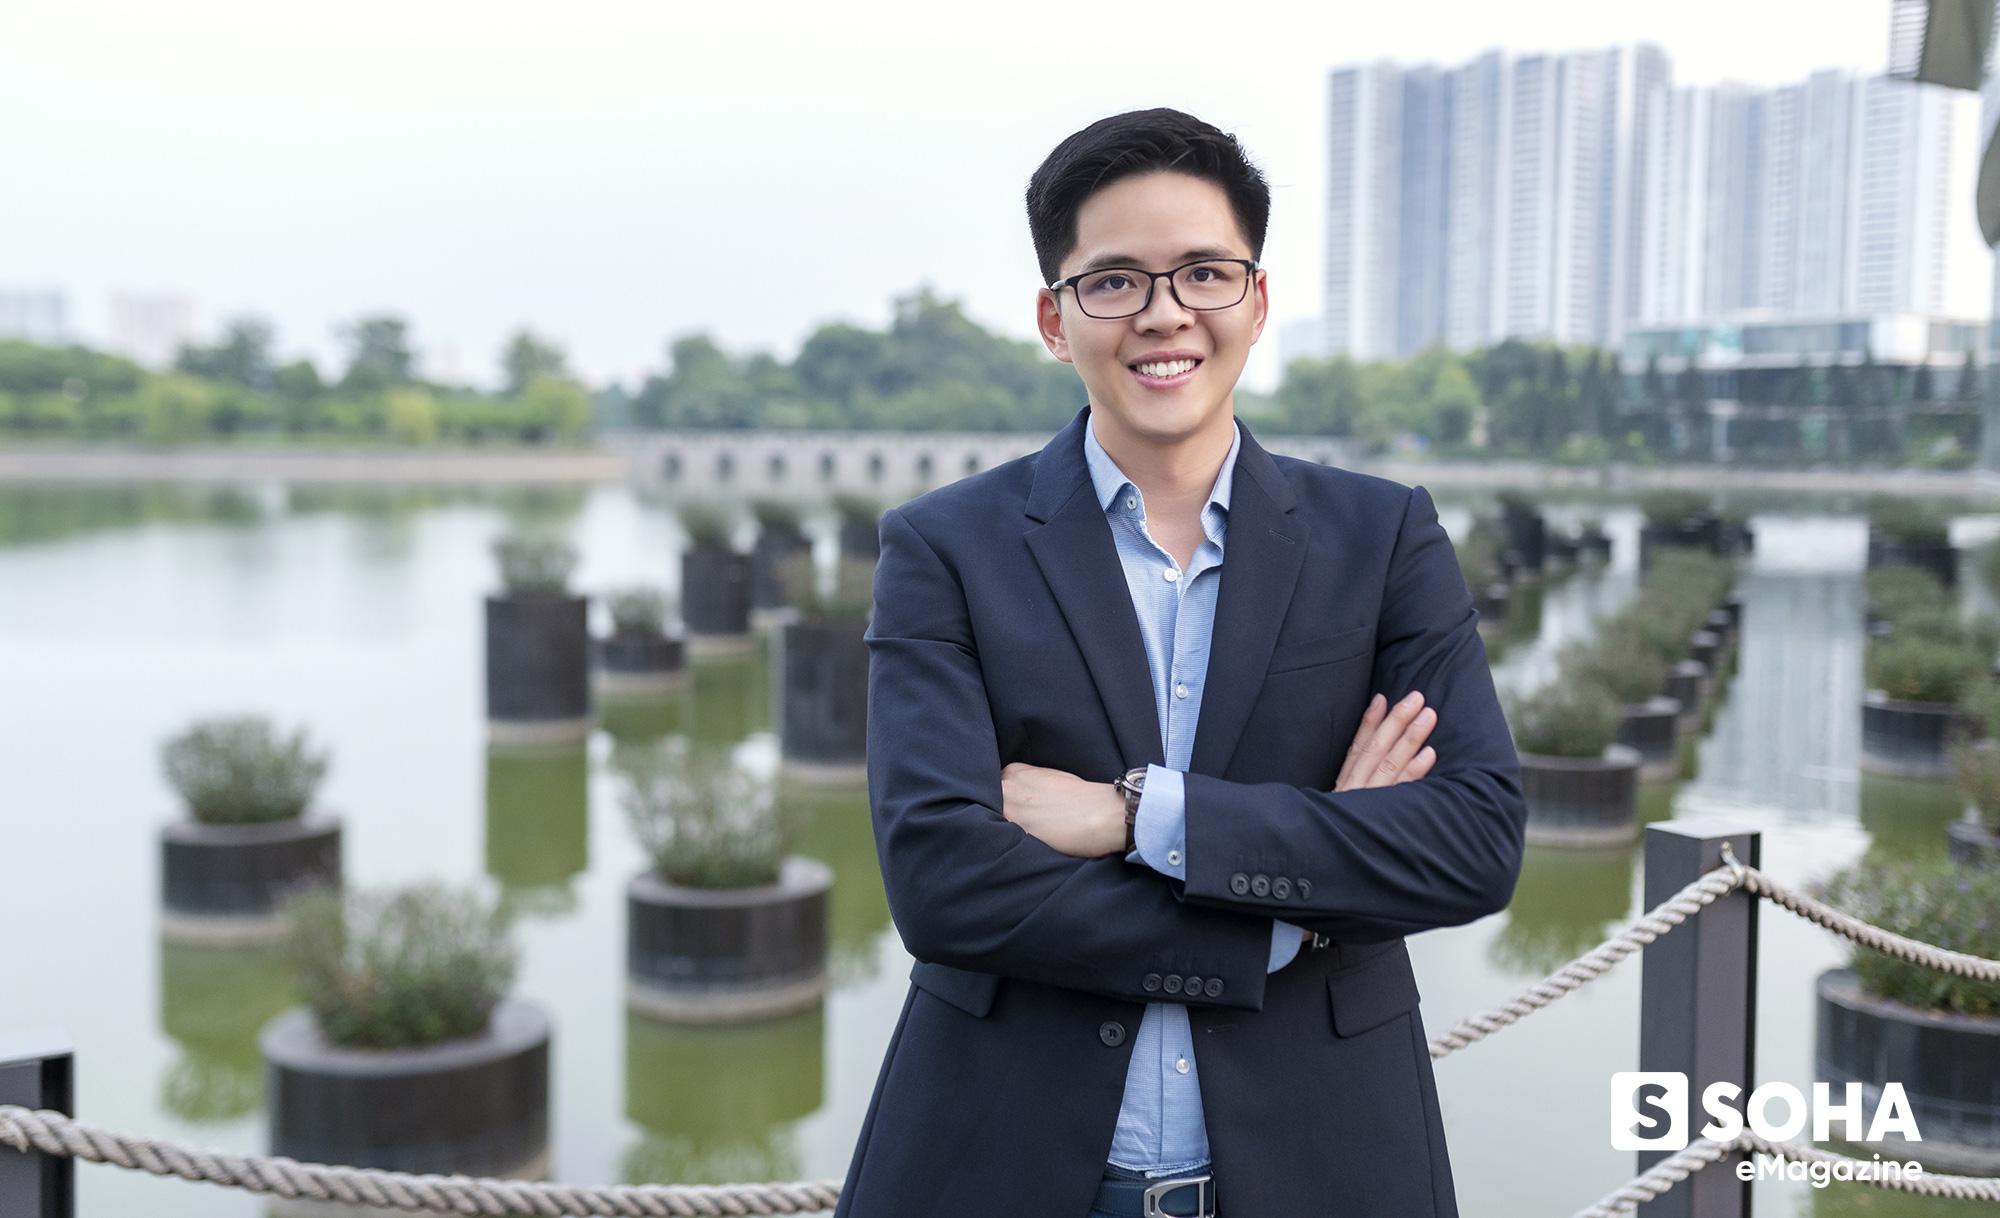 GS người Việt muốn nâng giấc ngủ cho 2,1 tỷ người và 25 bằng sáng chế trên đất Mỹ - Ảnh 17.